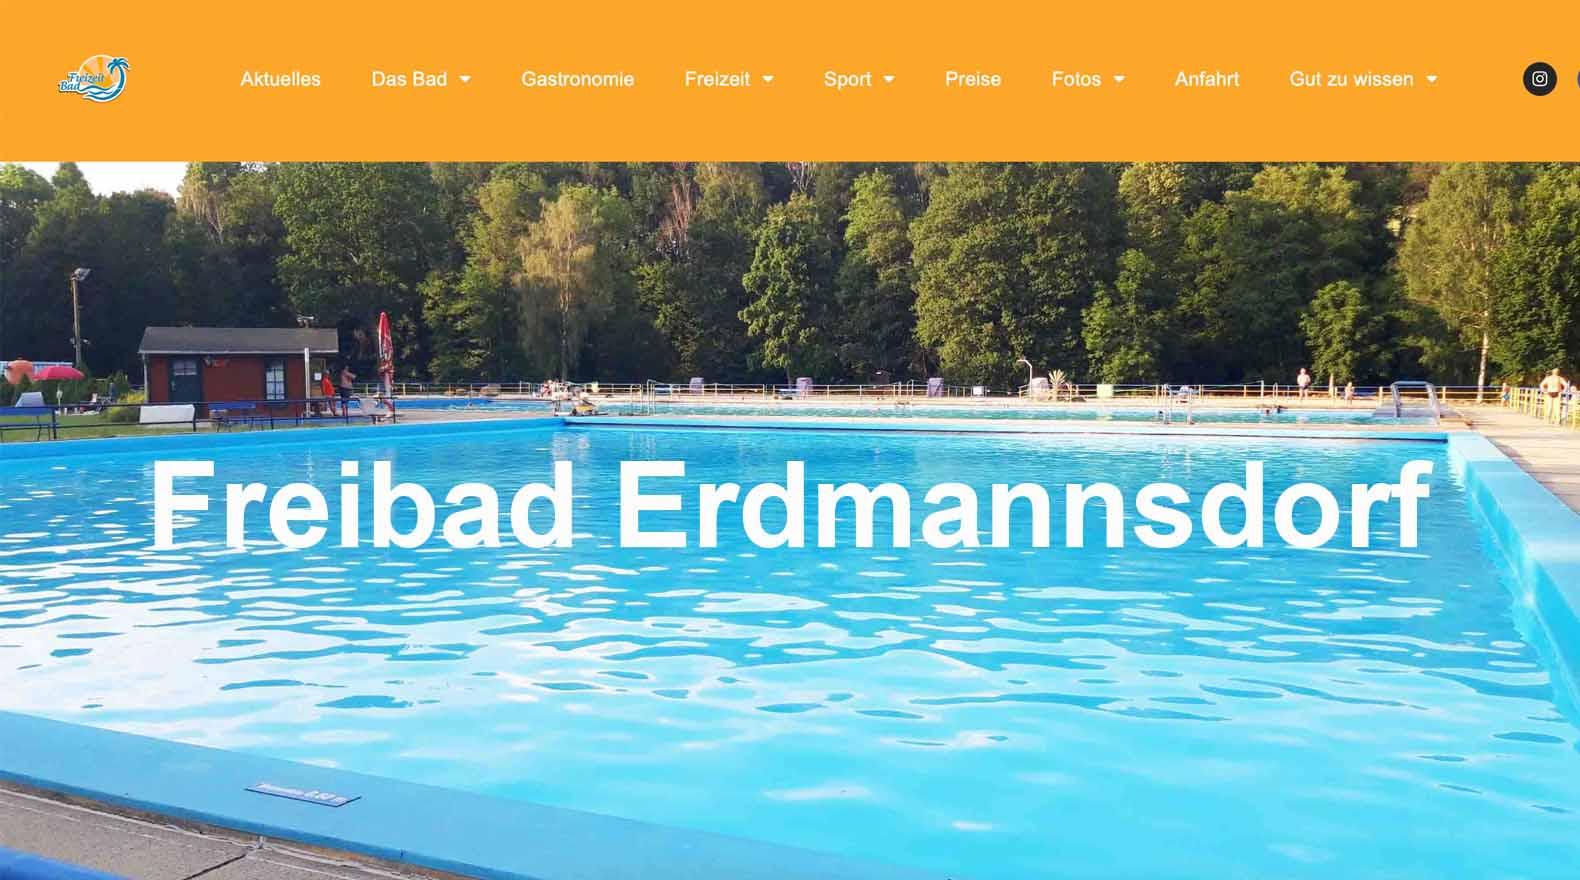 webprojekt-chemnitz-arzt-referenz-freibad